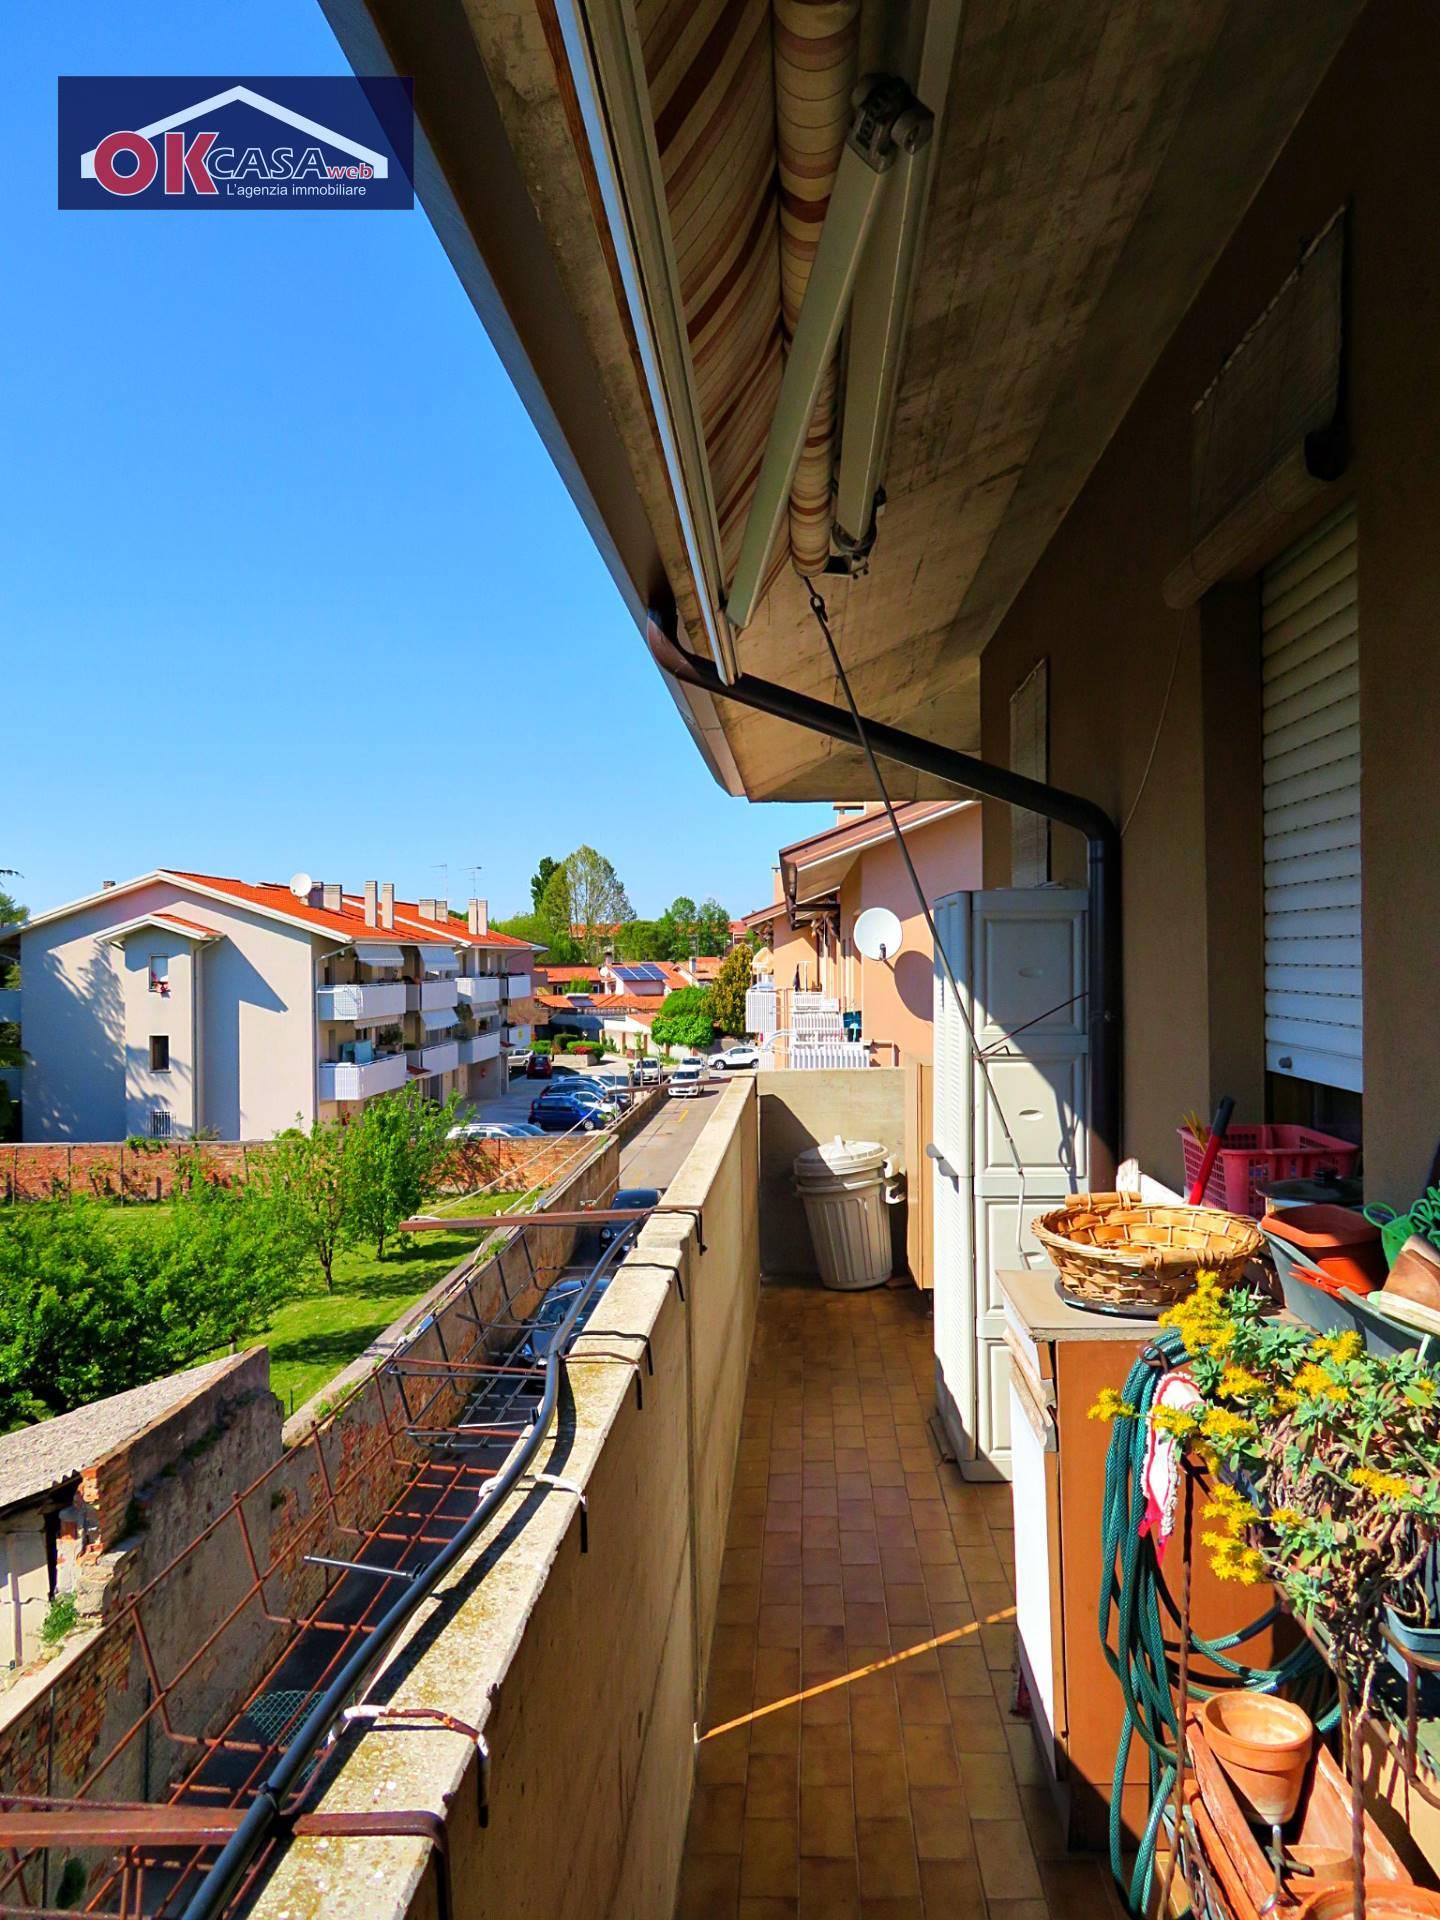 Appartamento | Udine, Fiumicello Villa Vicentina, via d'annunzio